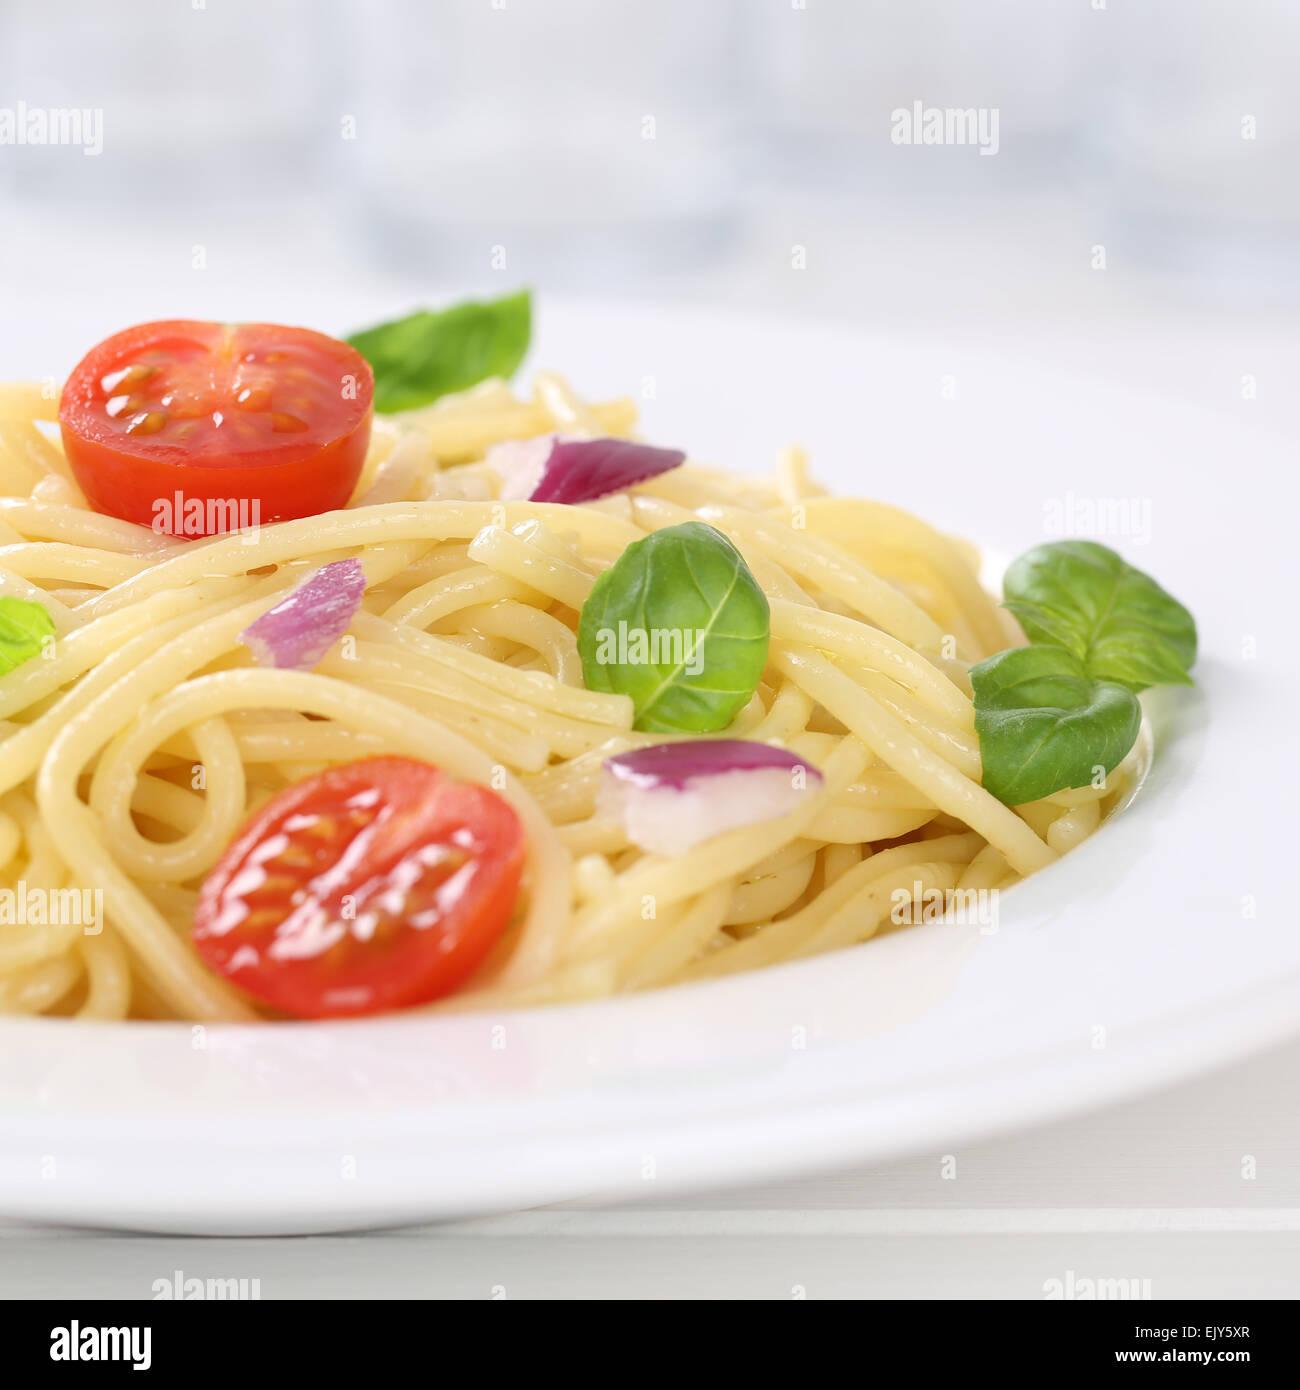 Italienische Küche Spaghetti mit Tomaten und Basilikum Nudeln Nudeln auf einem Teller Stockbild